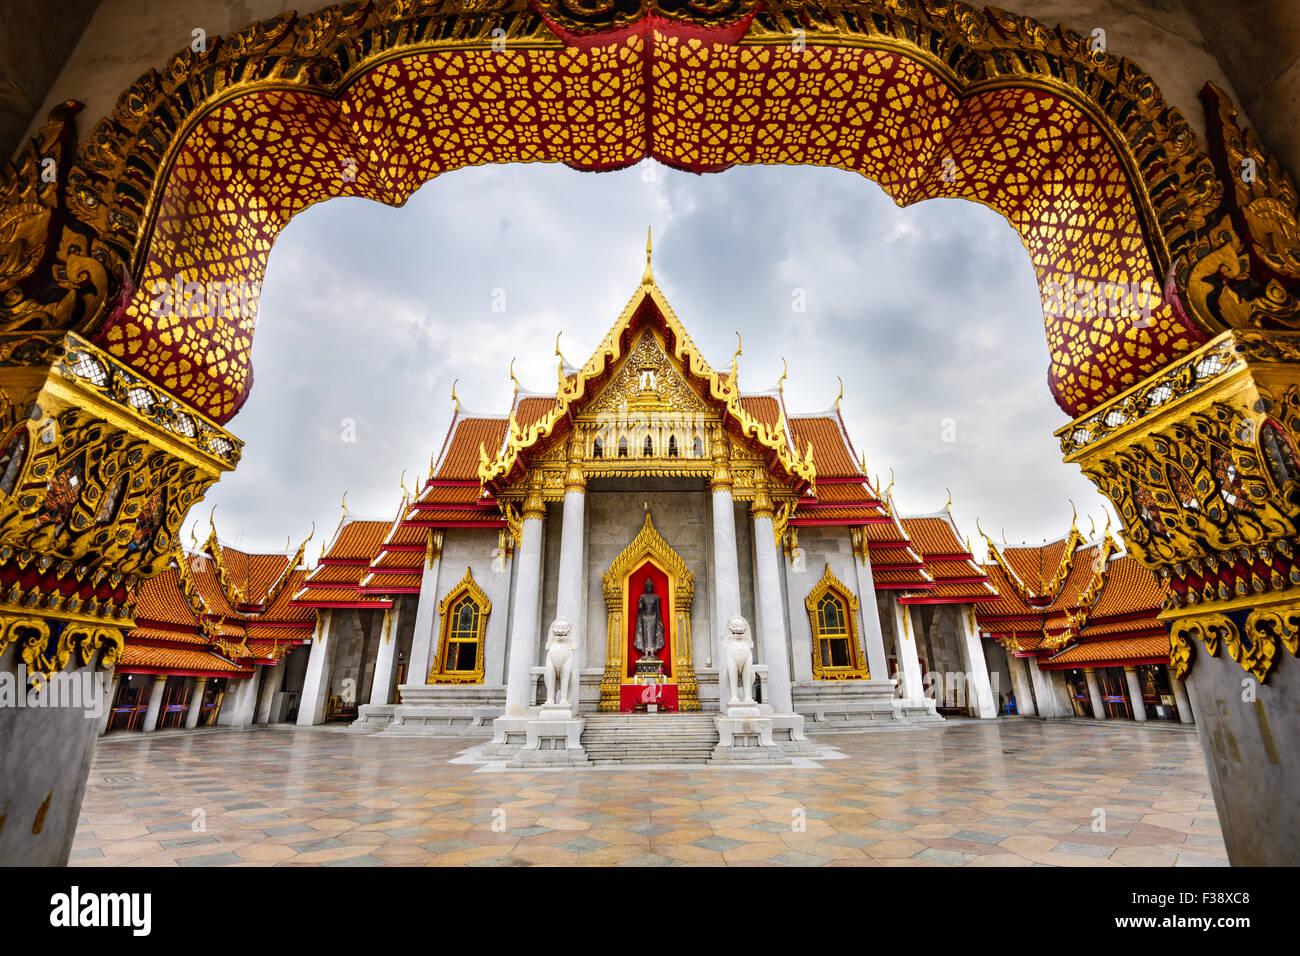 Wat Benchamabophit, le Temple de marbre, à Bangkok, Thaïlande. Photo Stock